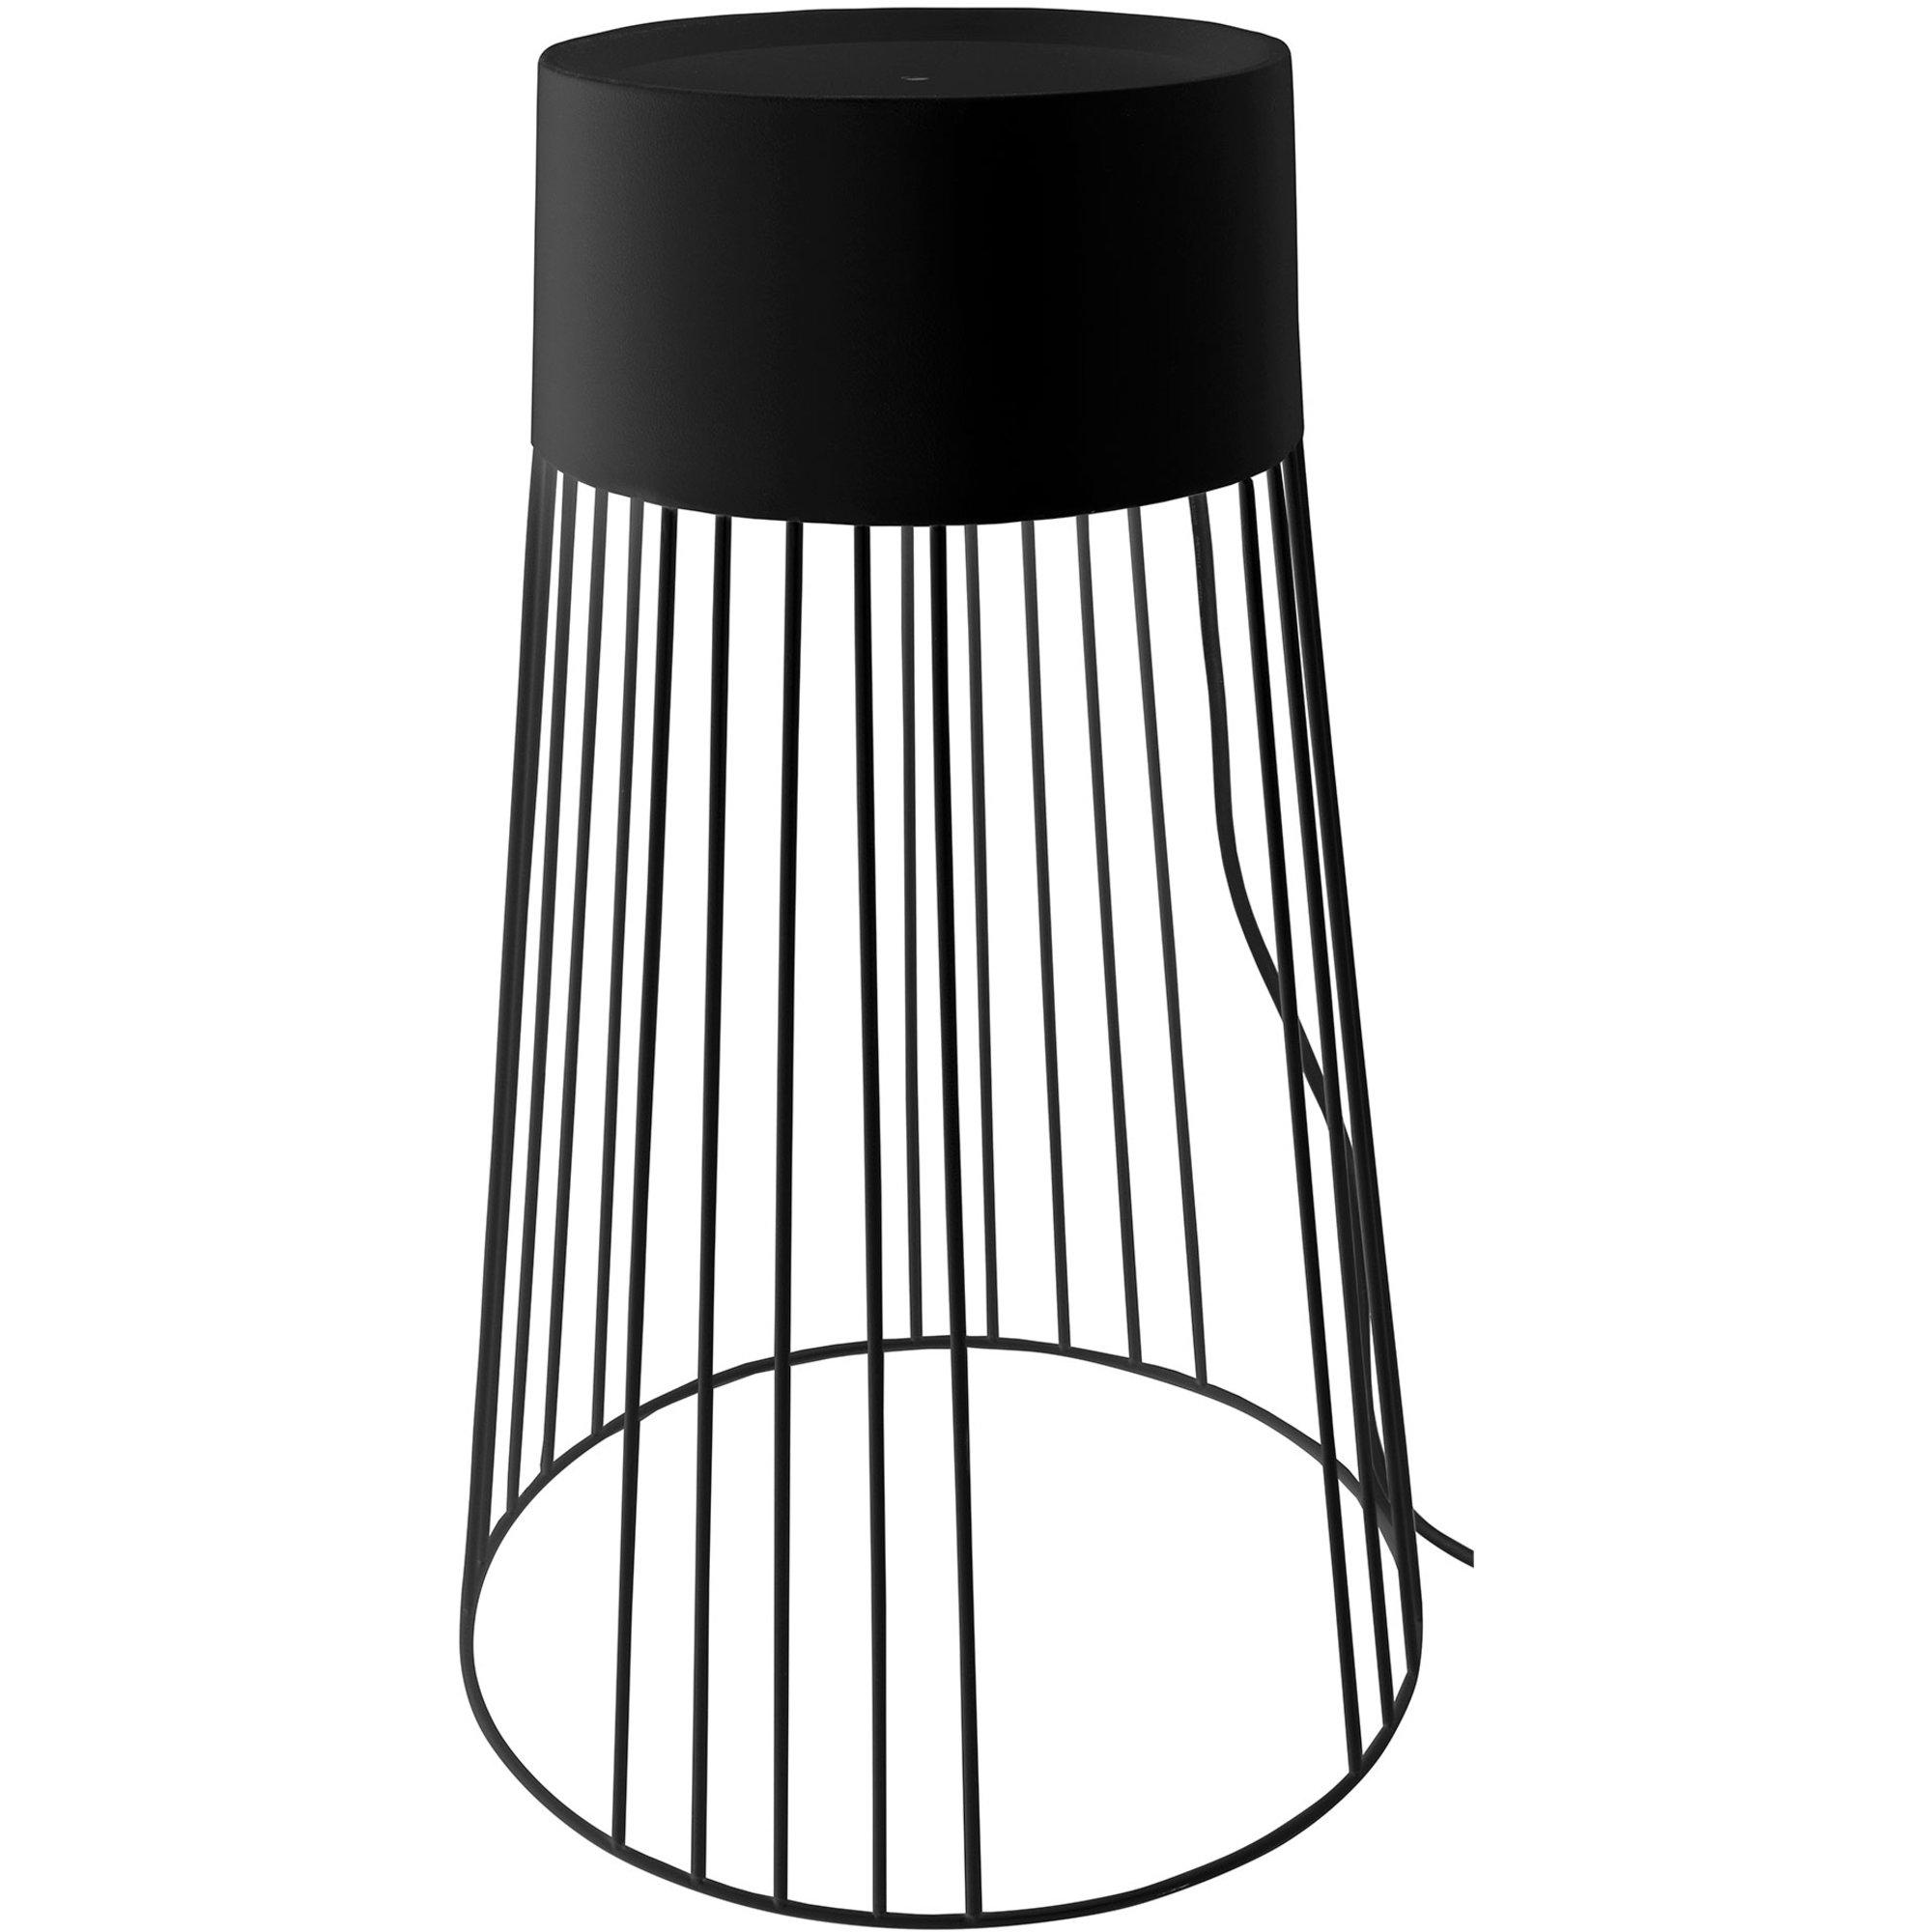 Globen Lighting Koster Golvlampa IP44 60 cm svart